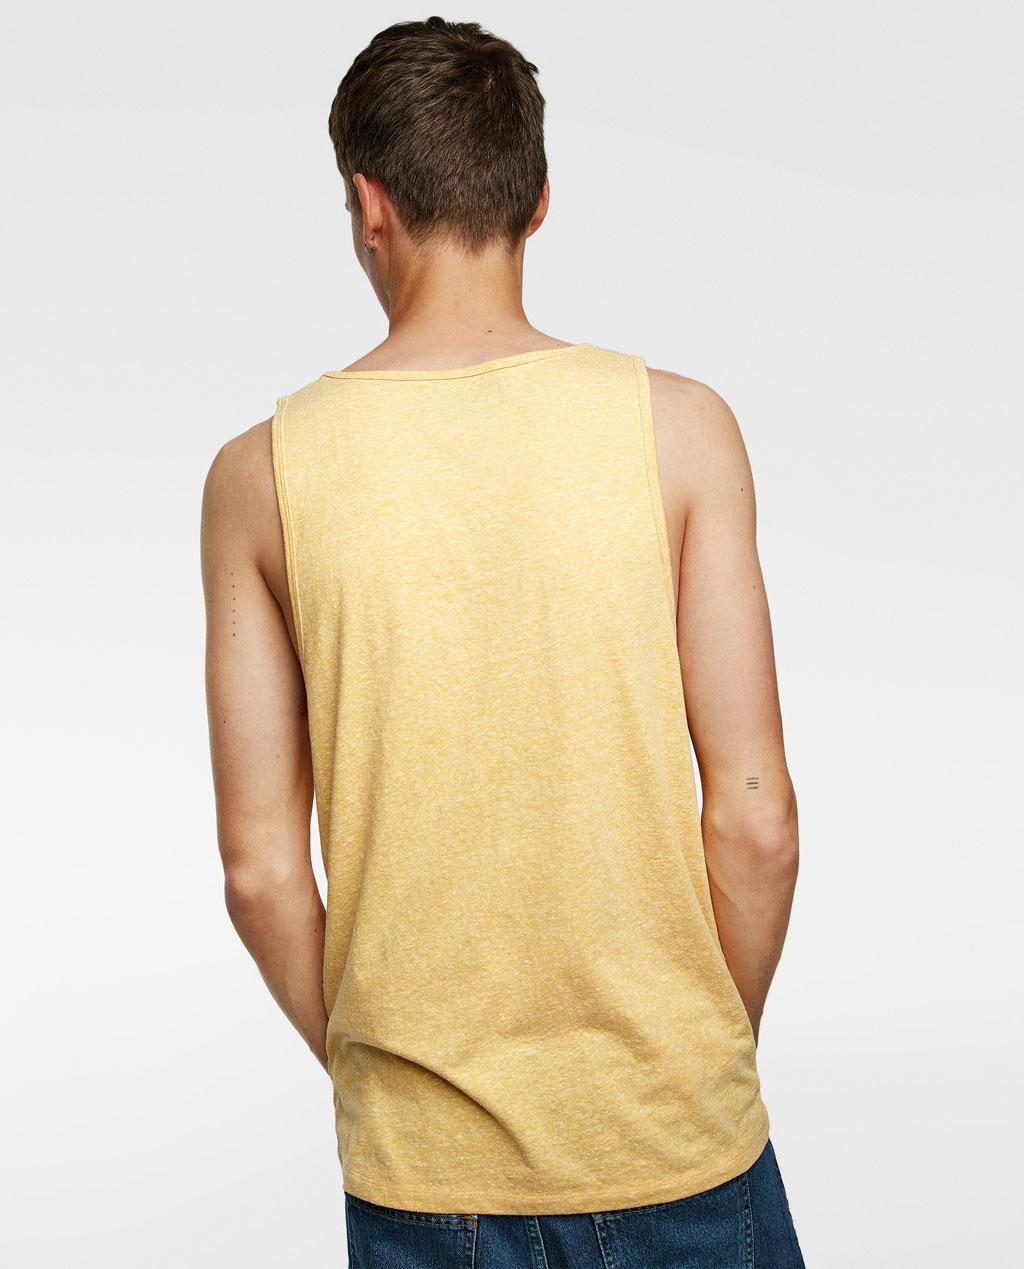 Thời trang nam Zara  24067 - ảnh 5